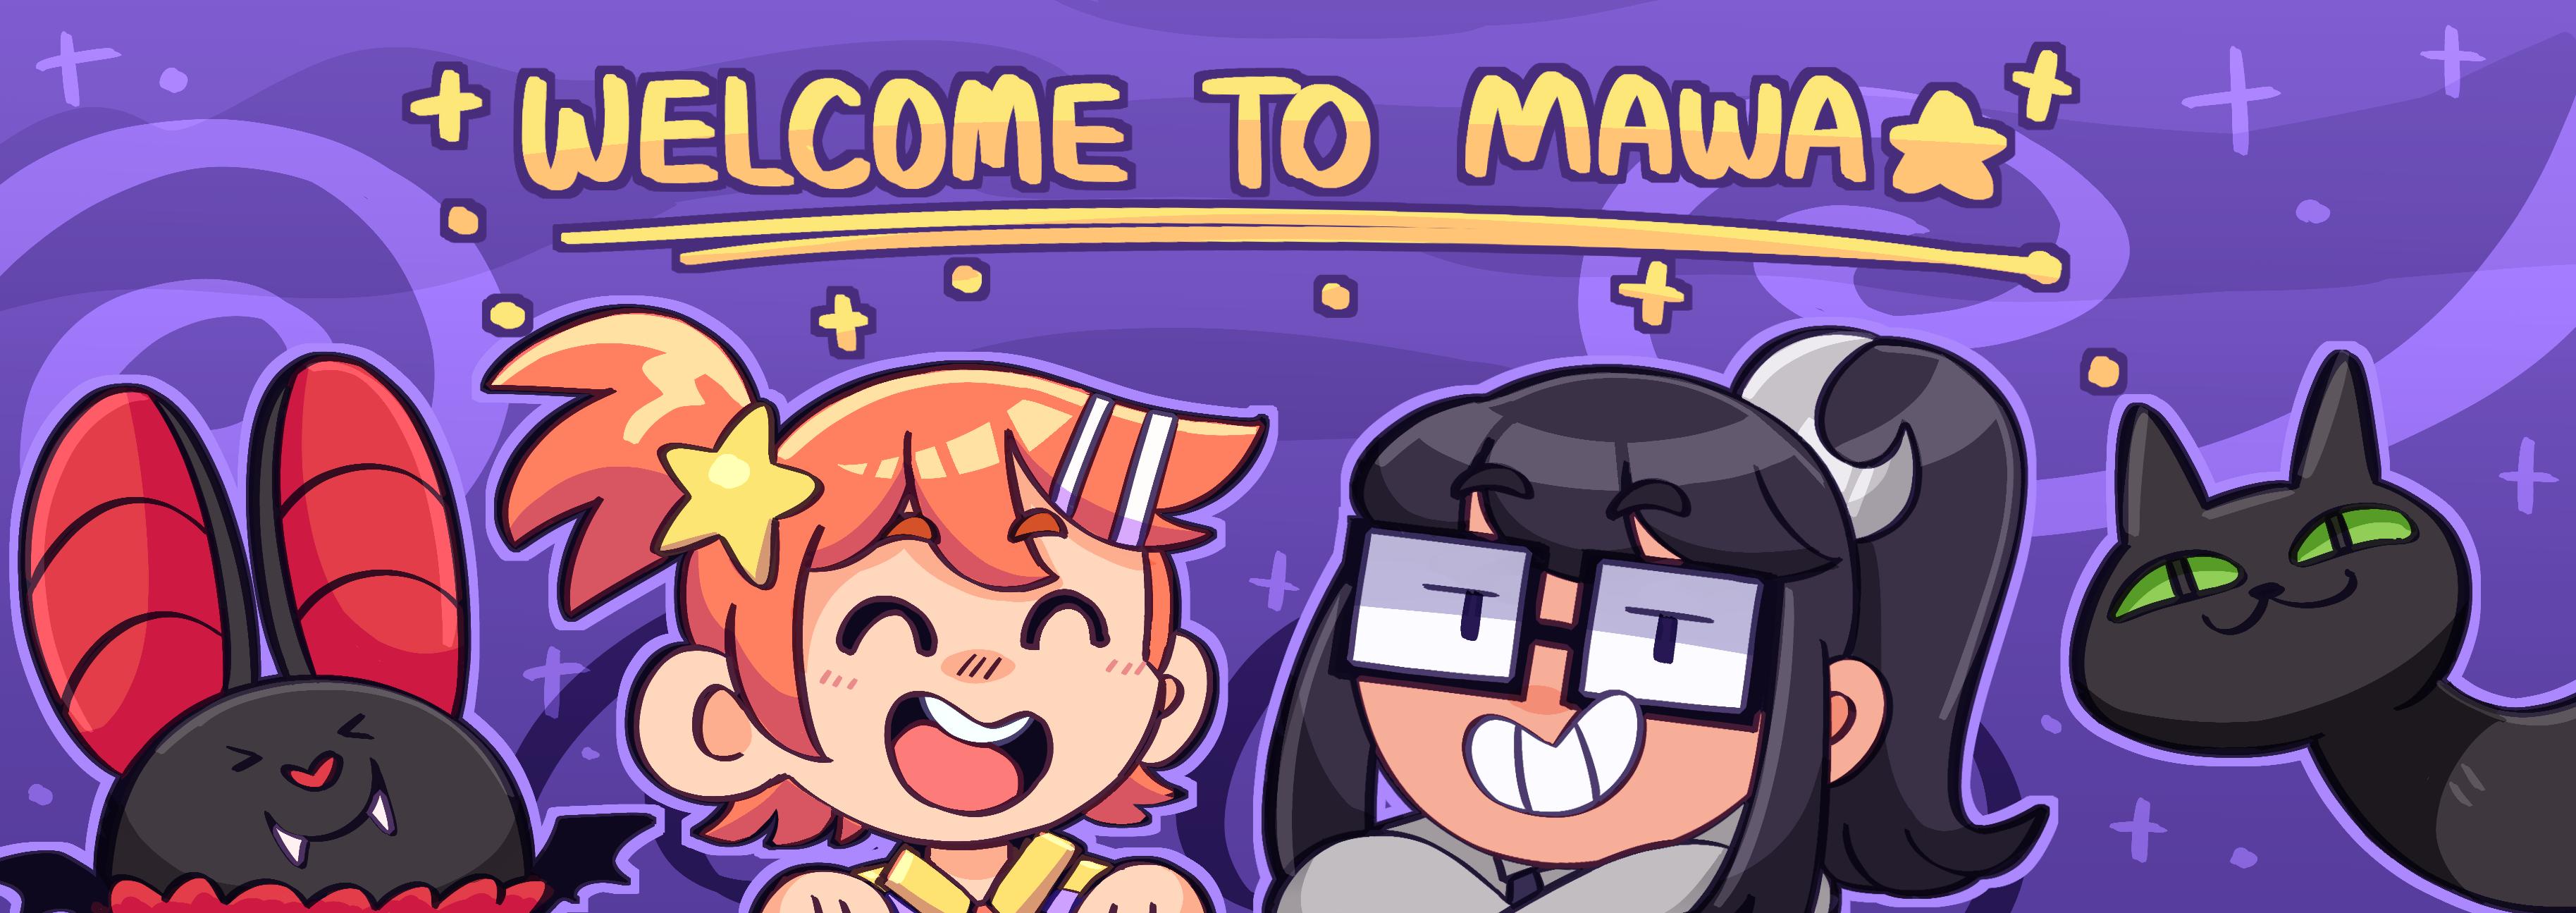 MaWa Banner